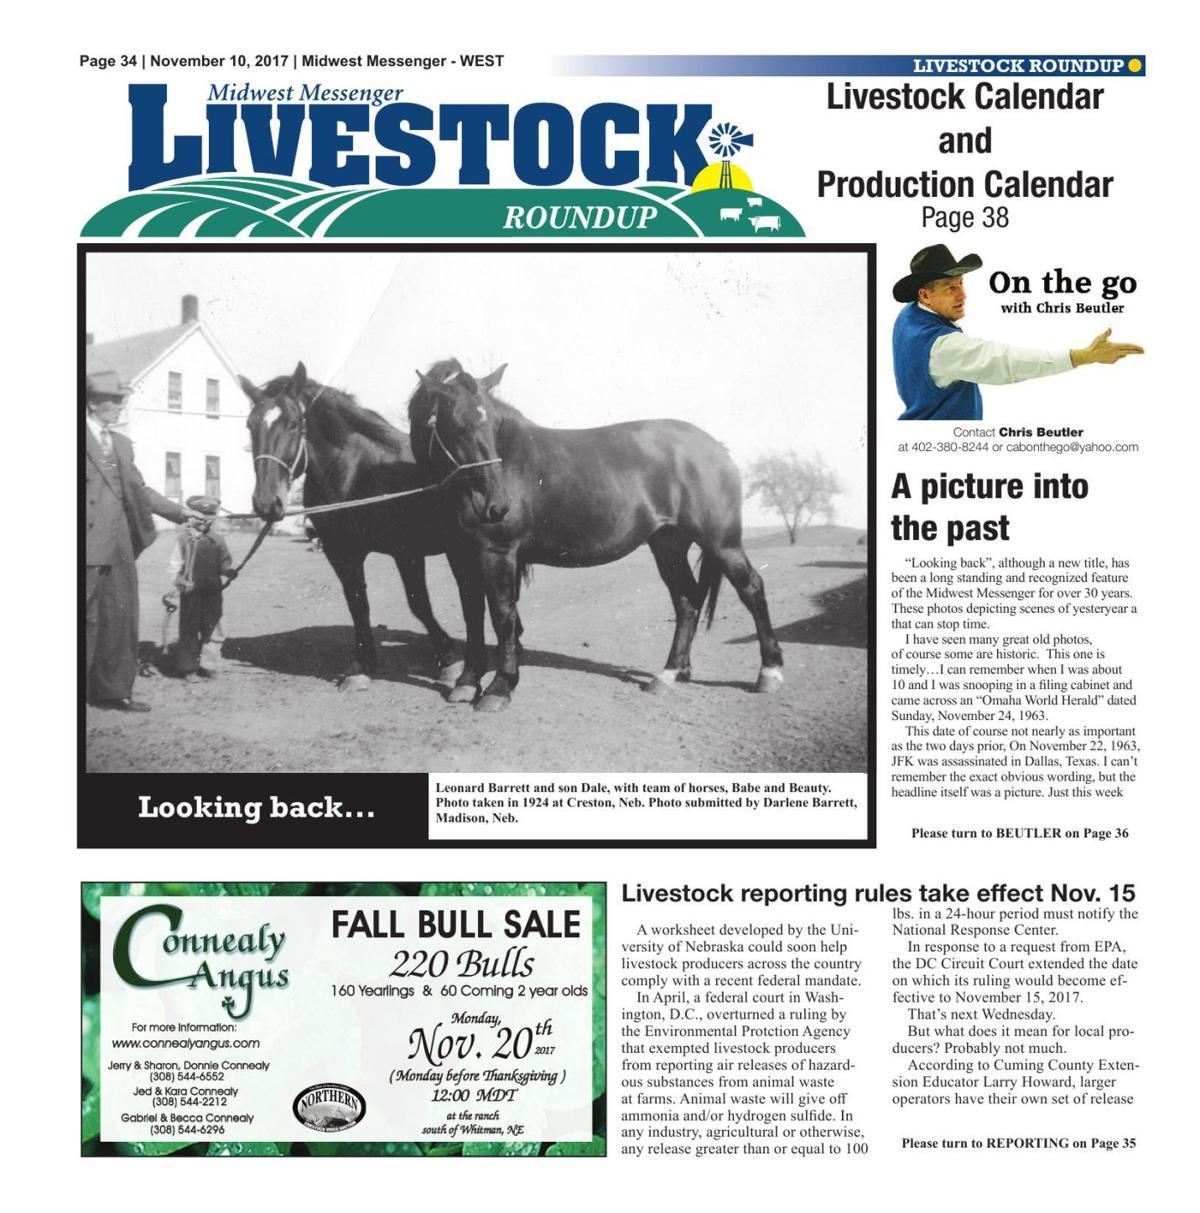 Livestock Roundup 11/10/17 | Midwest Messenger | agupdate com